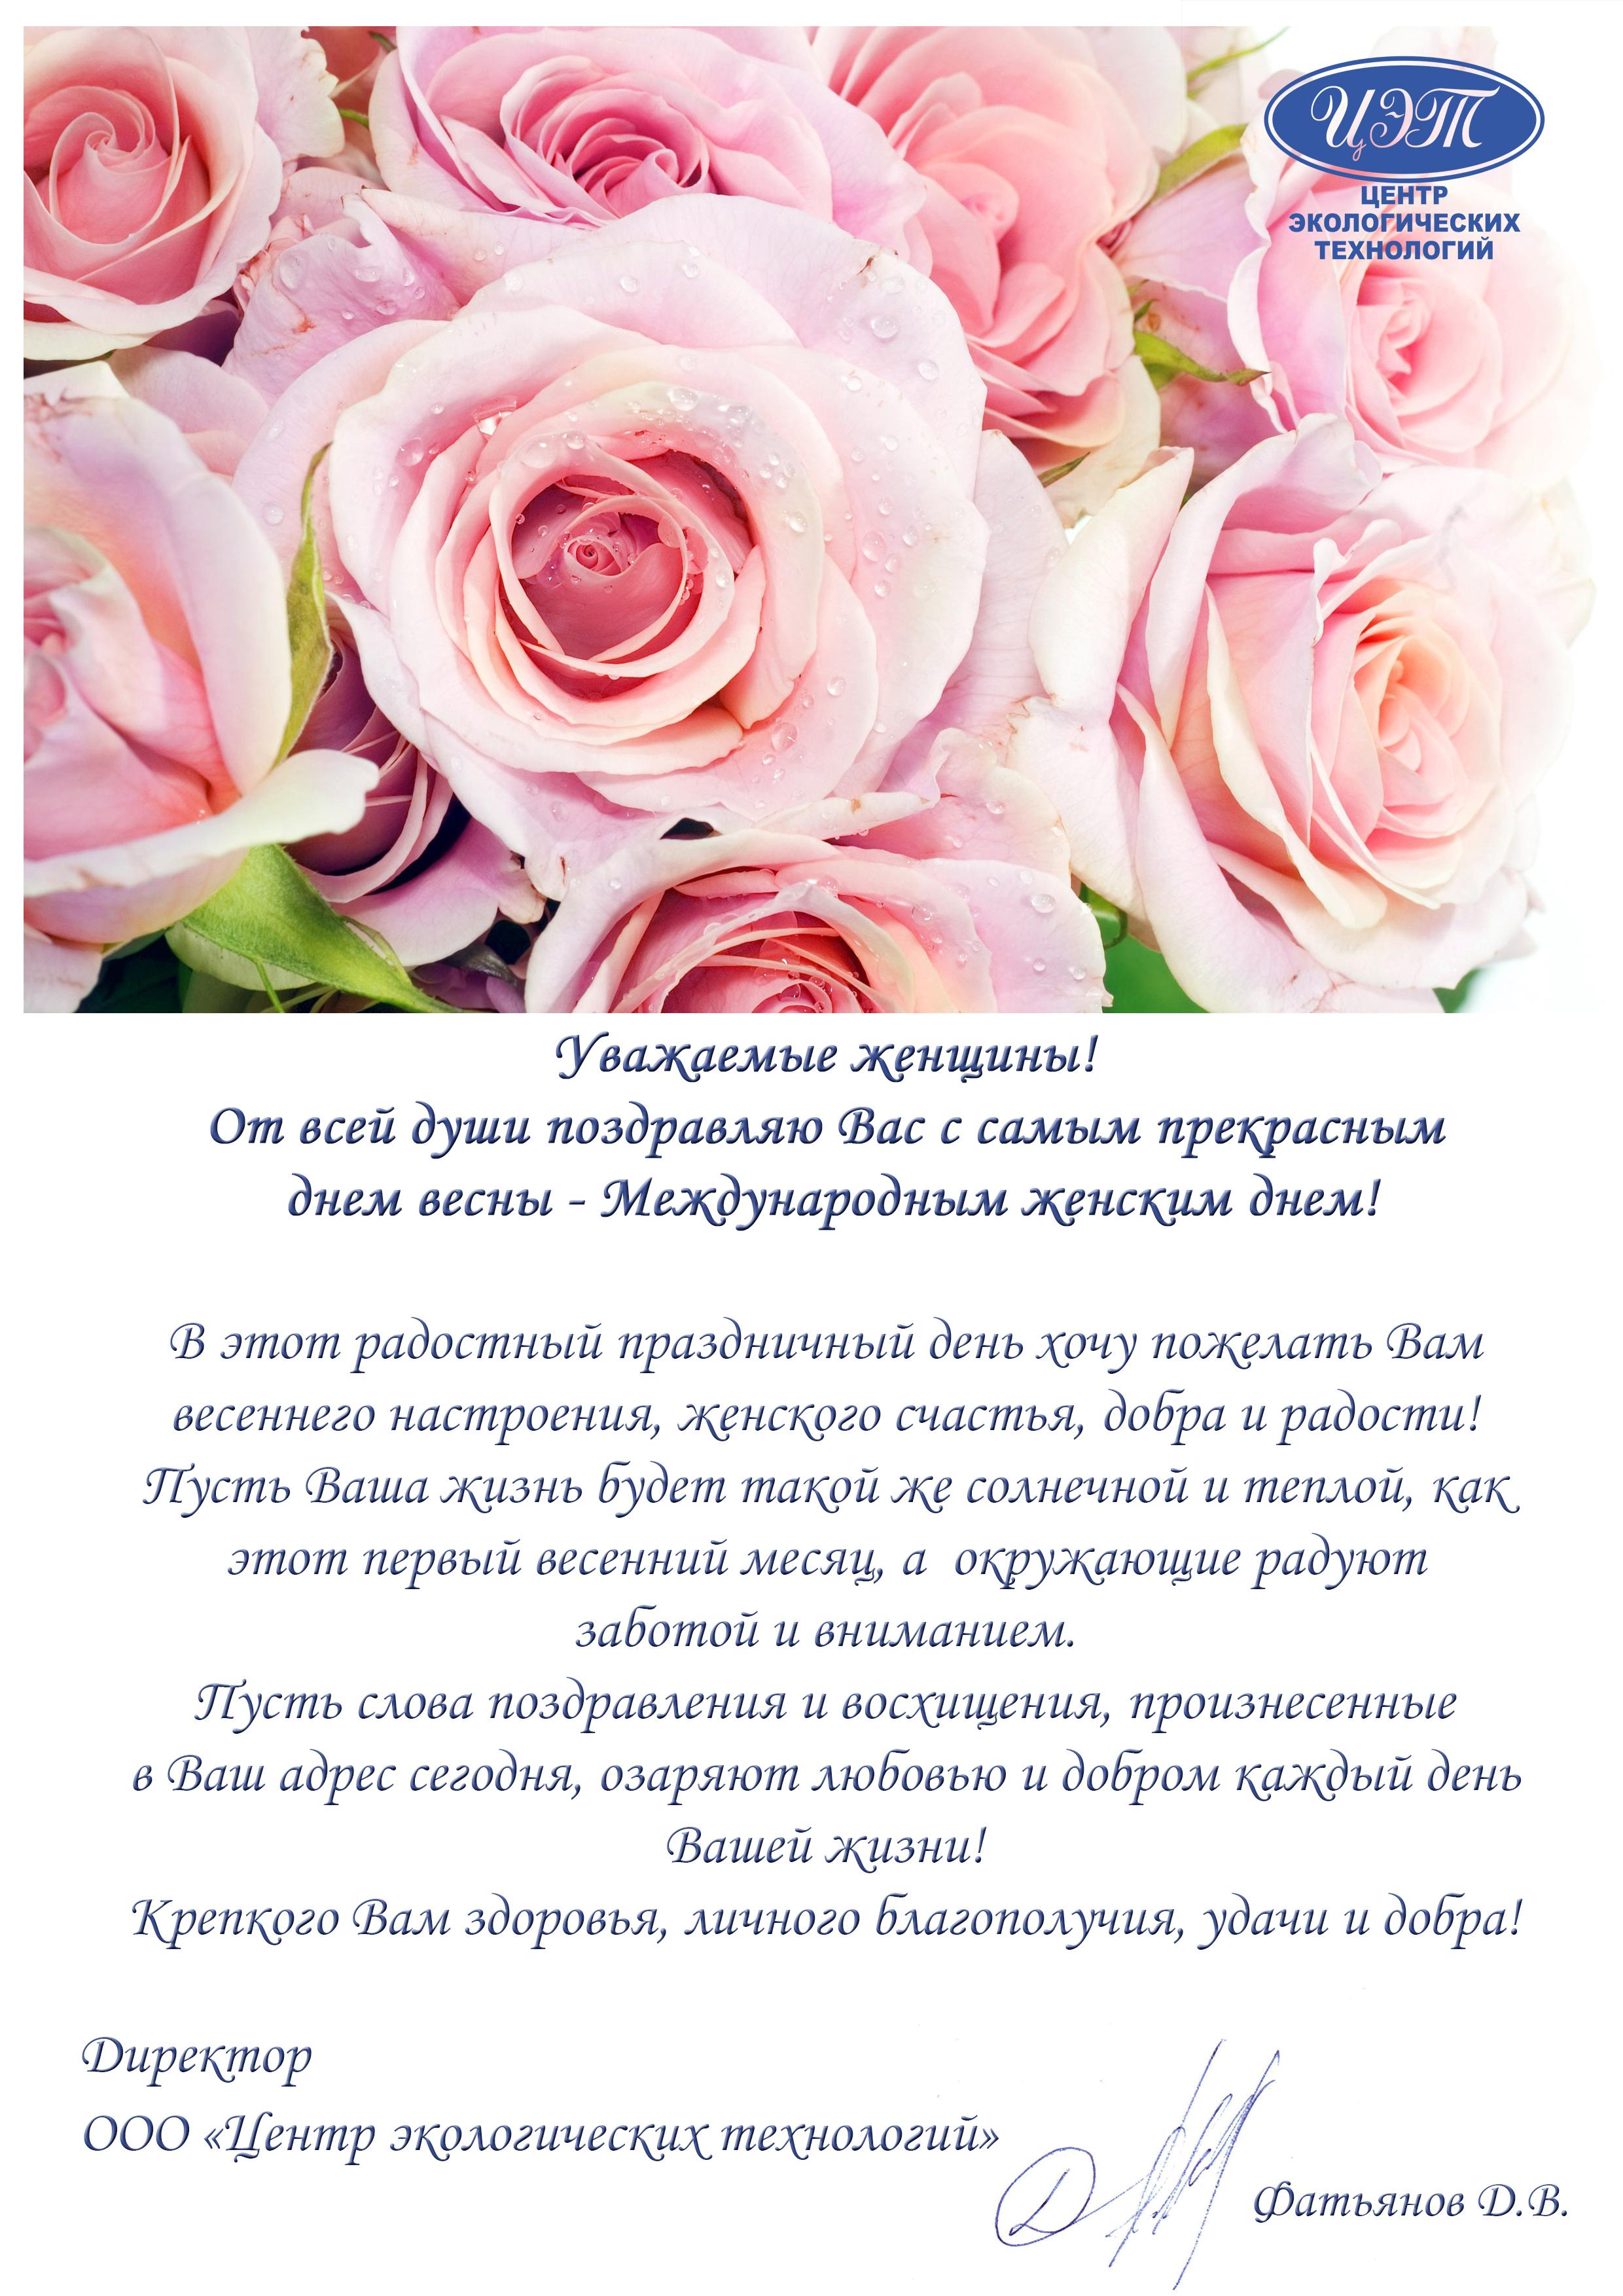 Поздравления с днем рождения женщине на Вы - Поздравок 29